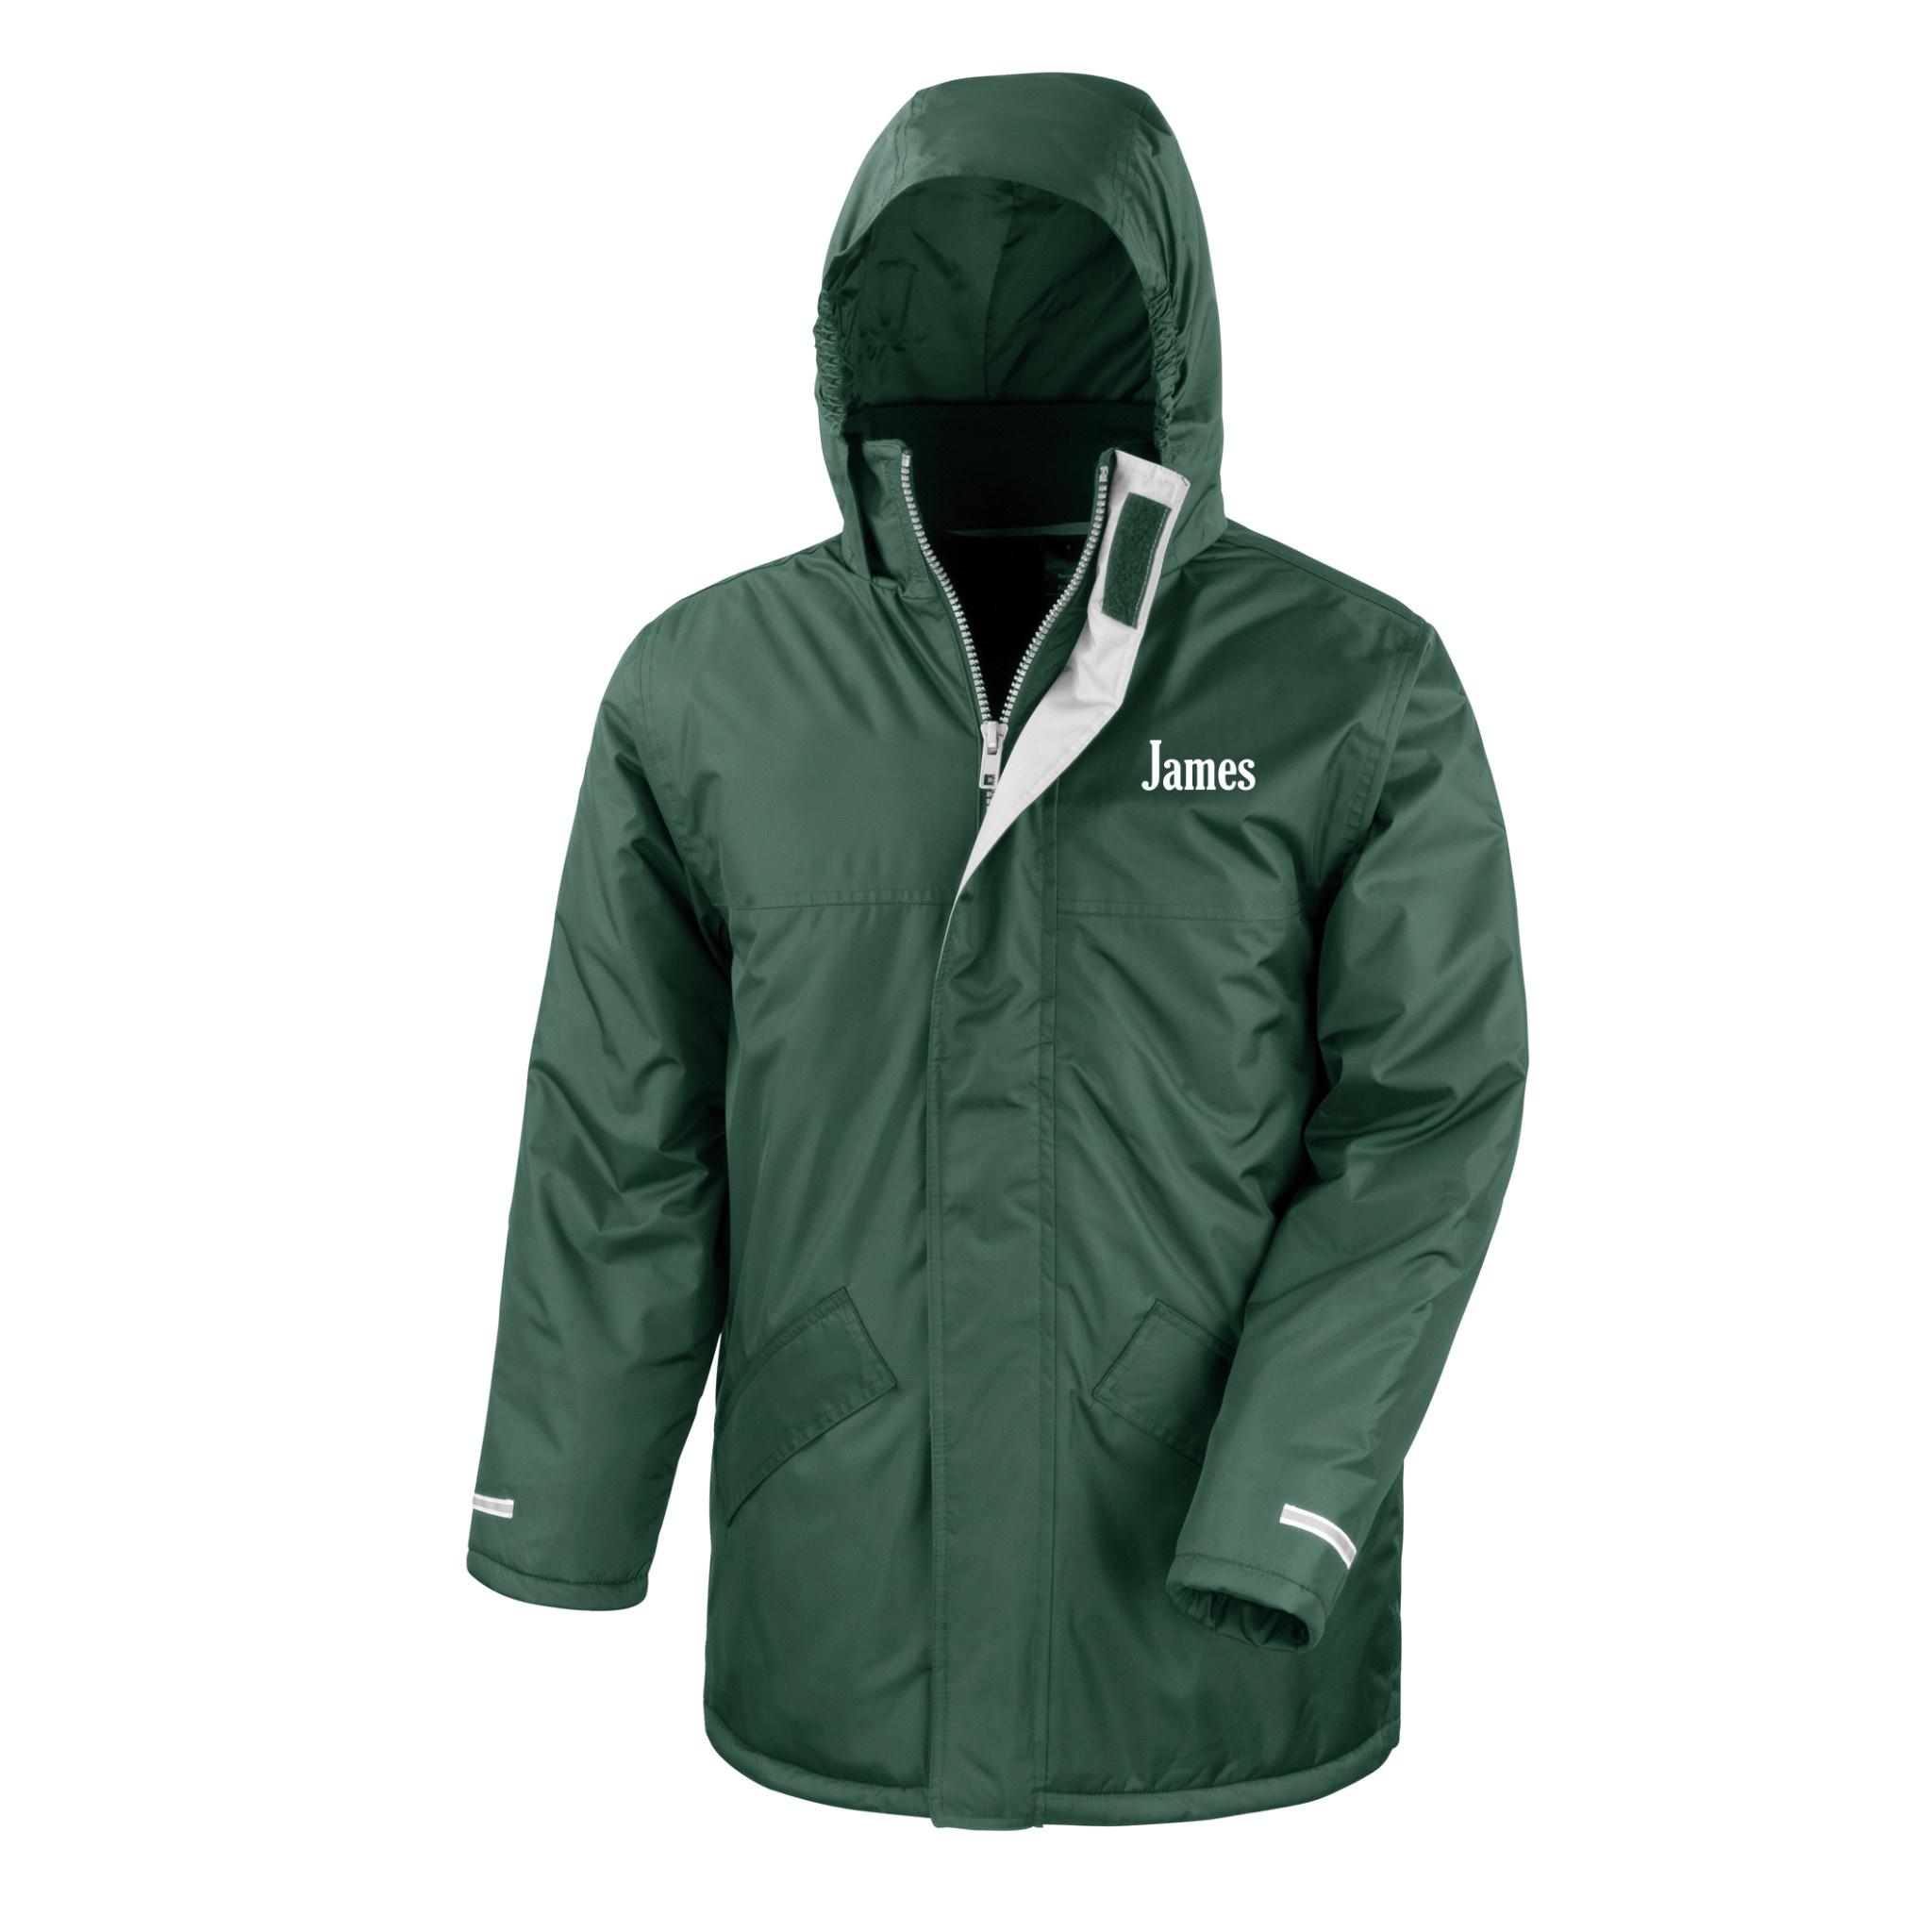 Premium Force Willows Farm Adults Staff Jacket